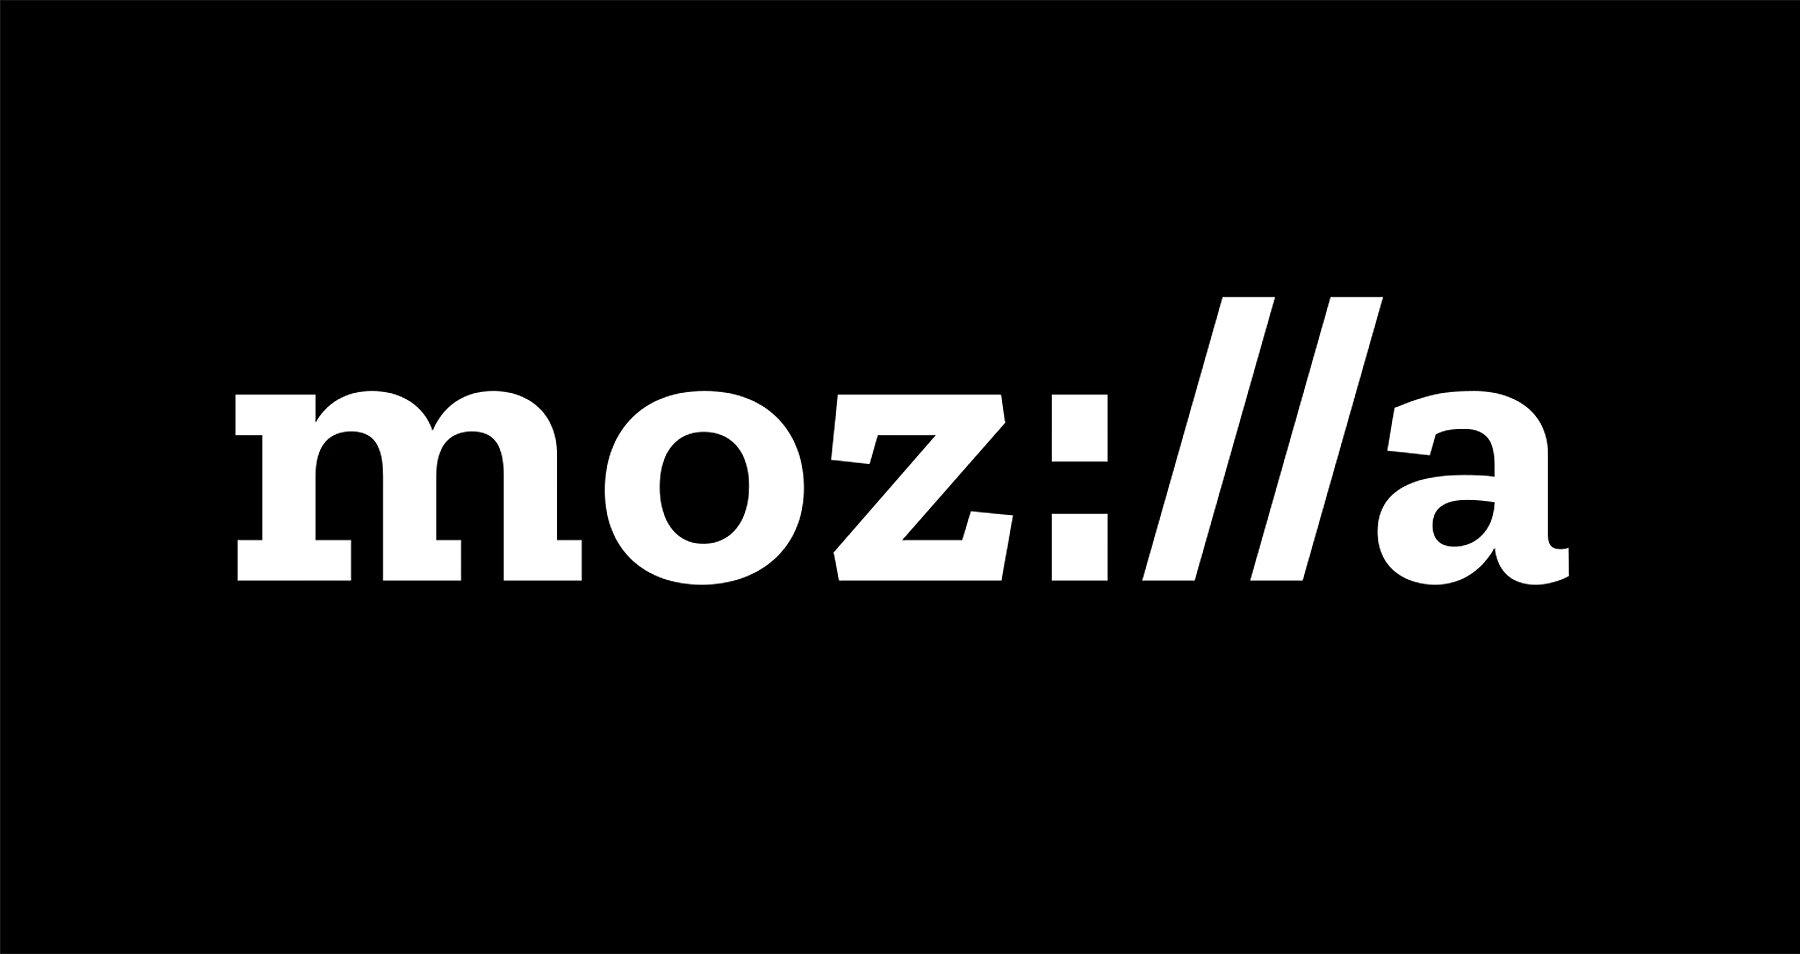 Mozilla расширяет bug bounty программу и увеличивает размер вознаграждений